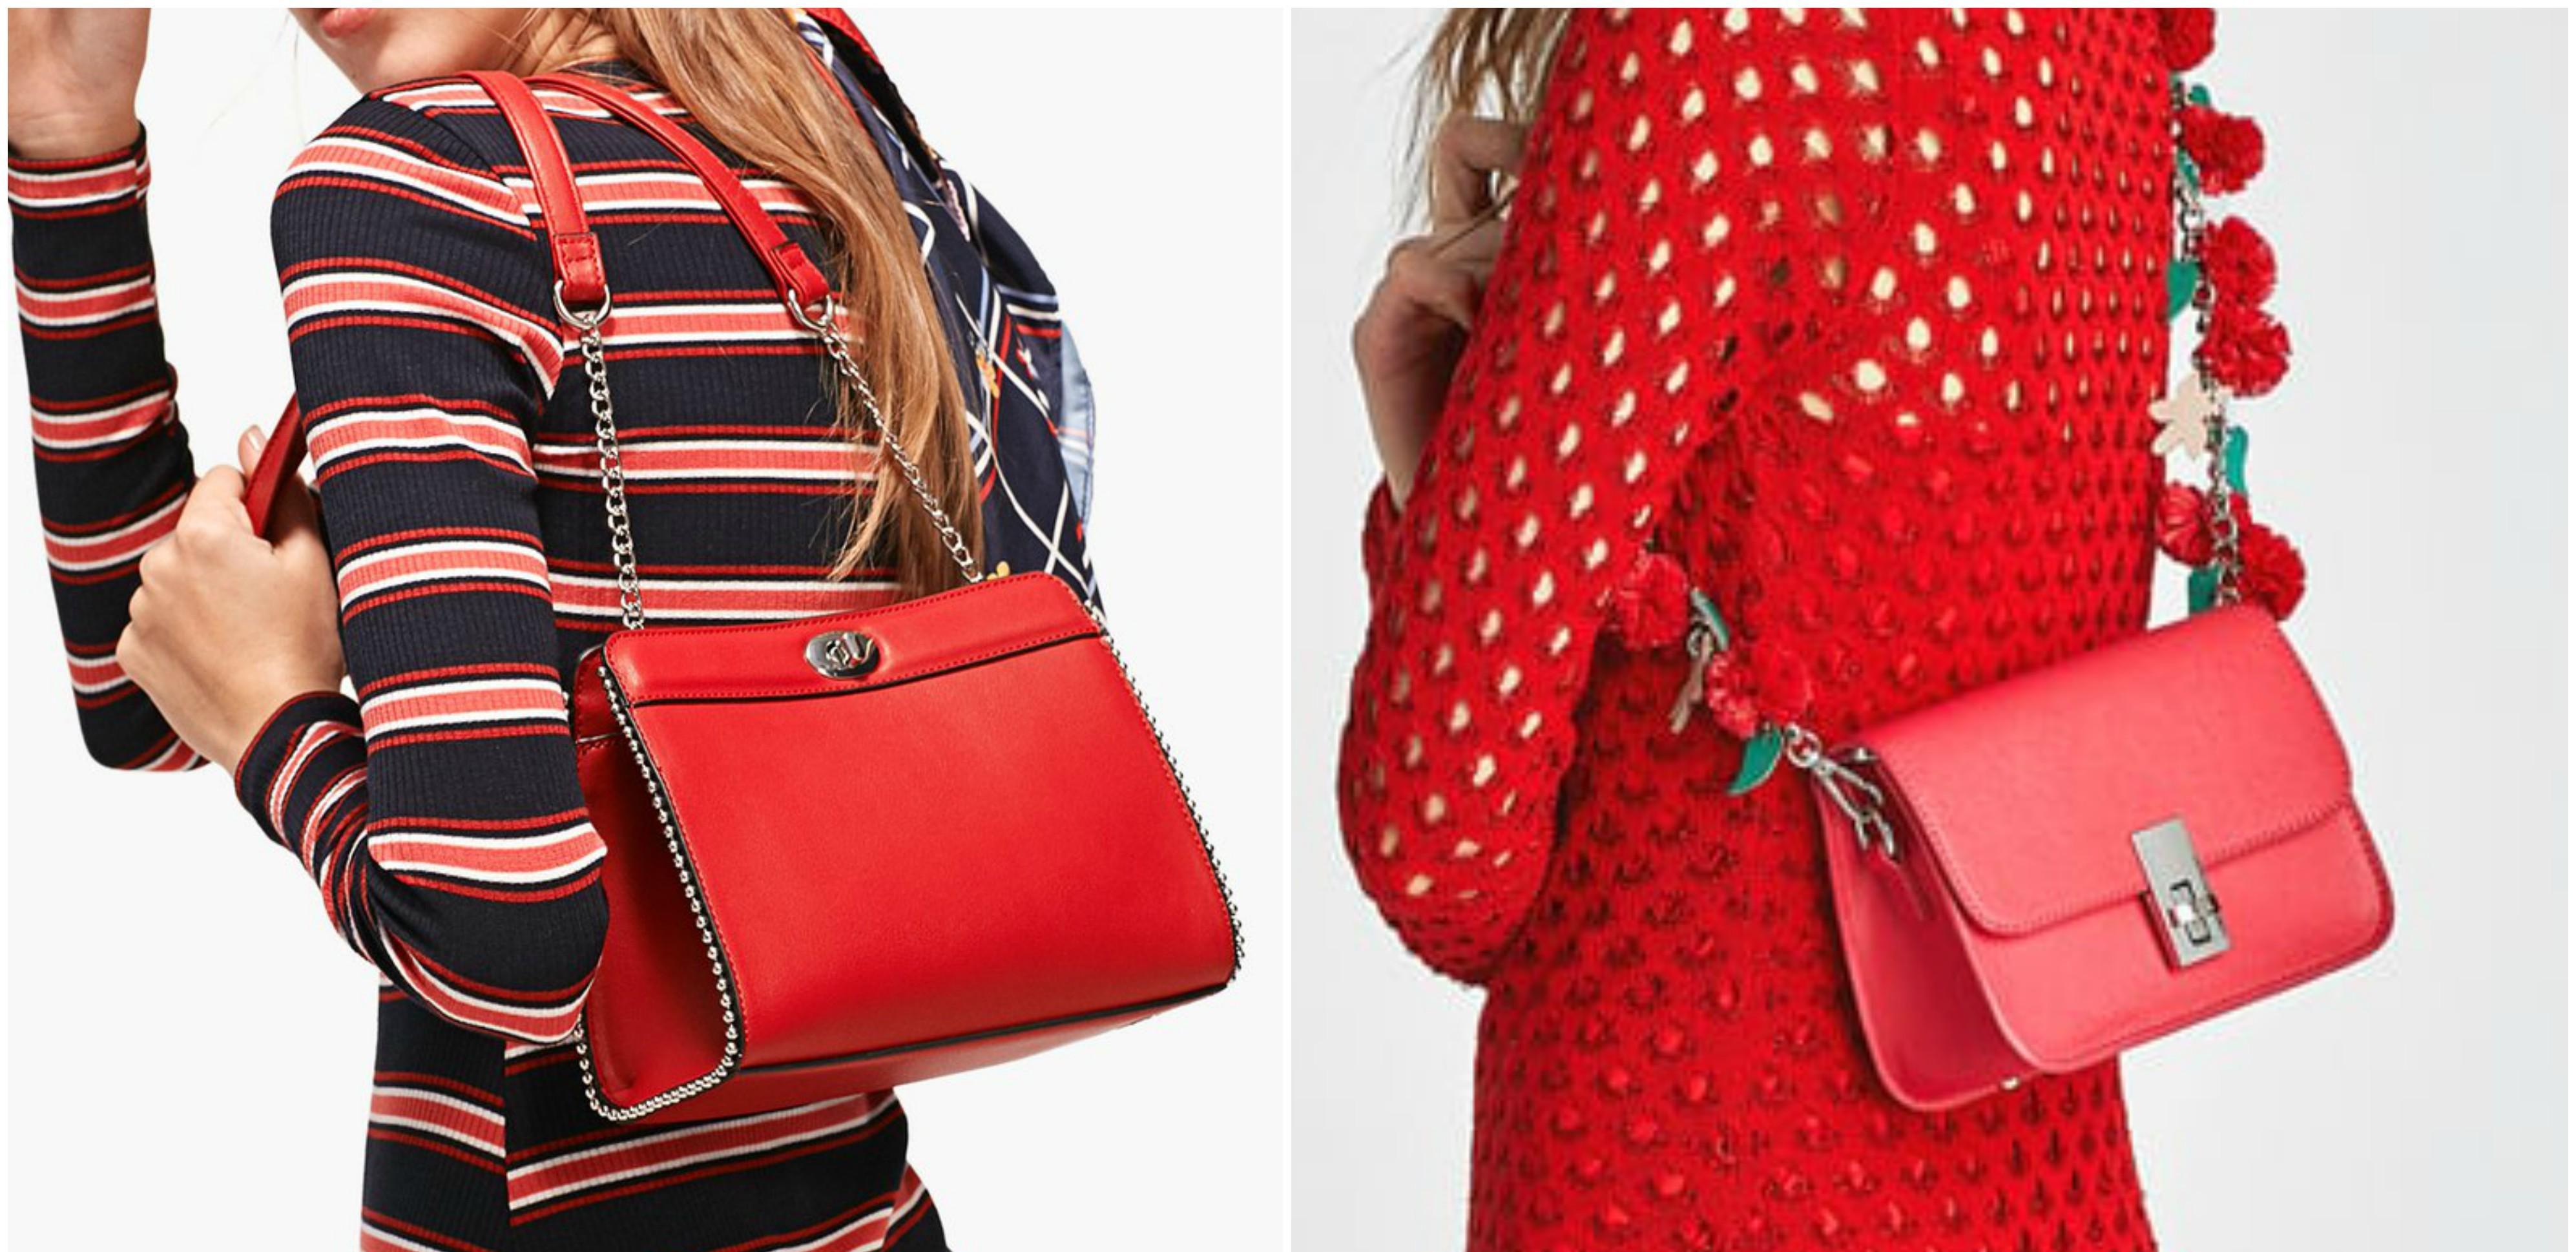 Malo crvene za ljubav: Izabrali smo najljepše torbe s kojima ovog Valentinova nema greške